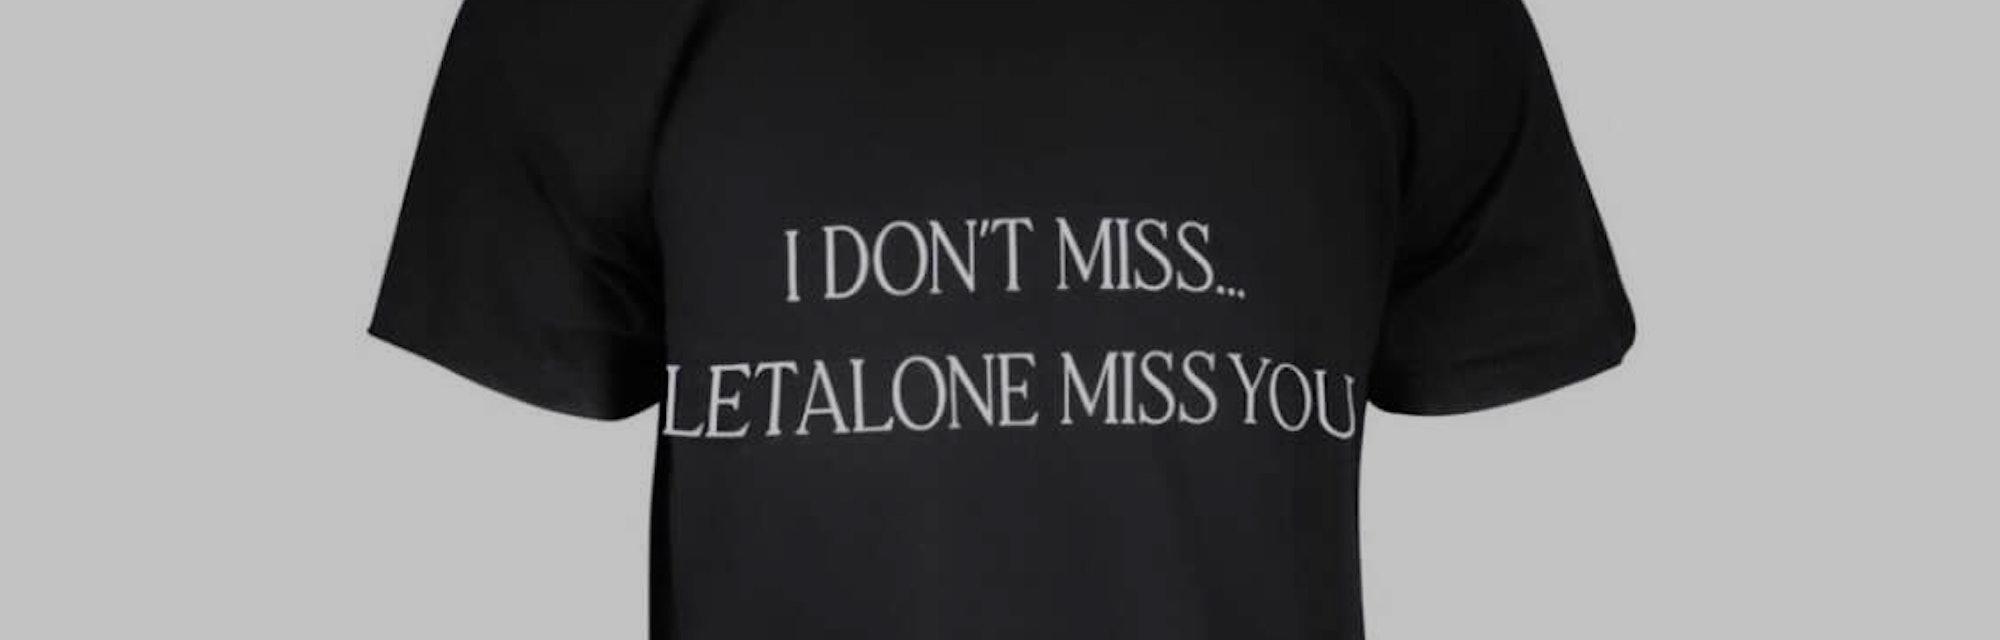 Drake Certified Lover Boy Nike T-Shirt